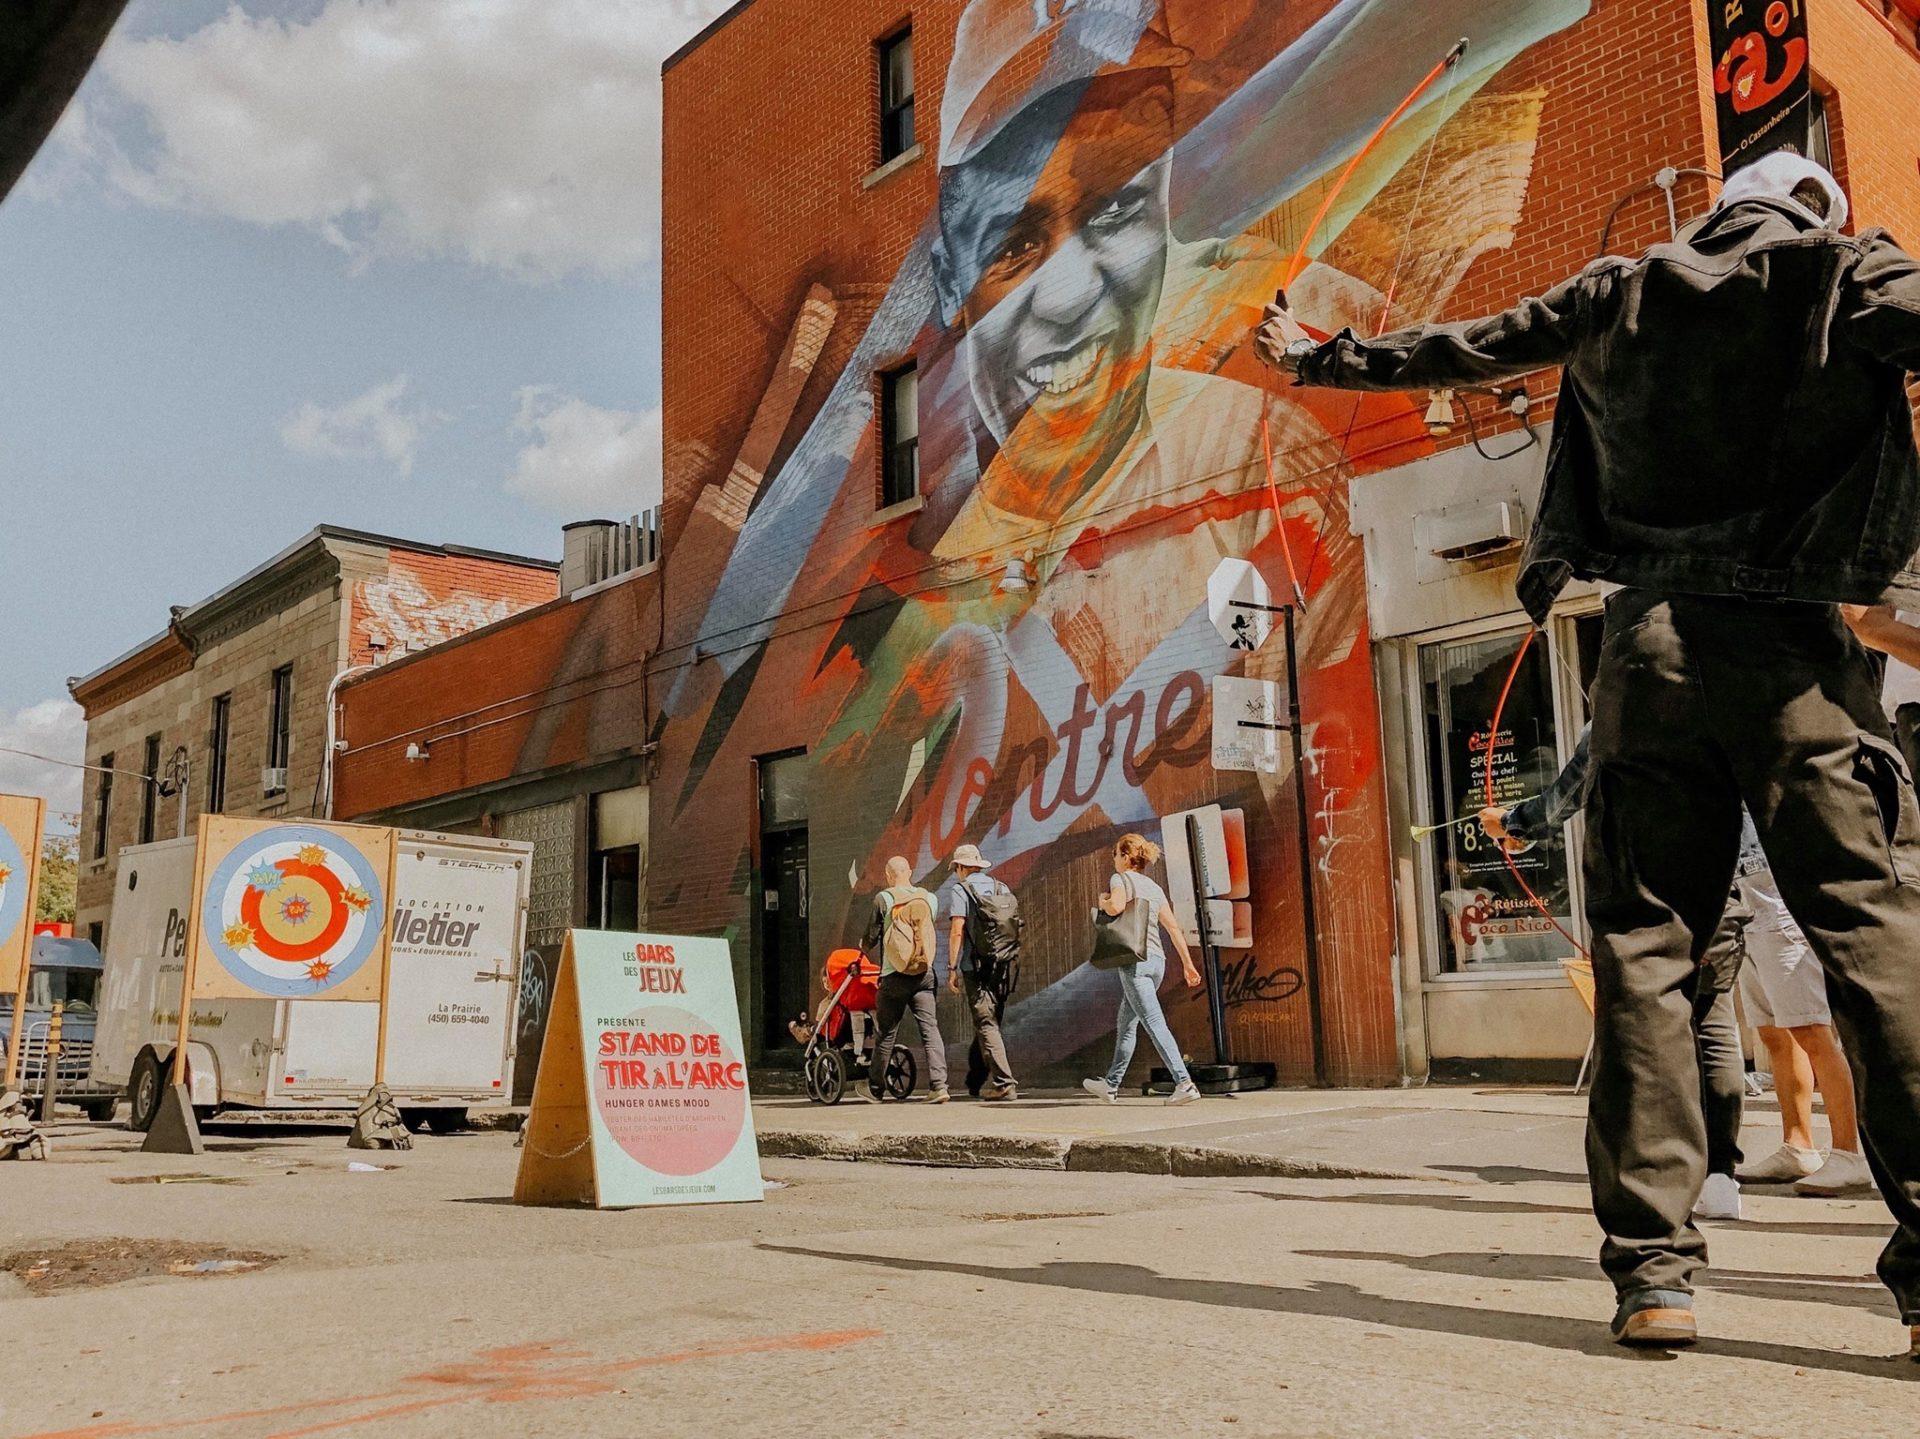 les gars des jeux - location jeux géant montréal québec